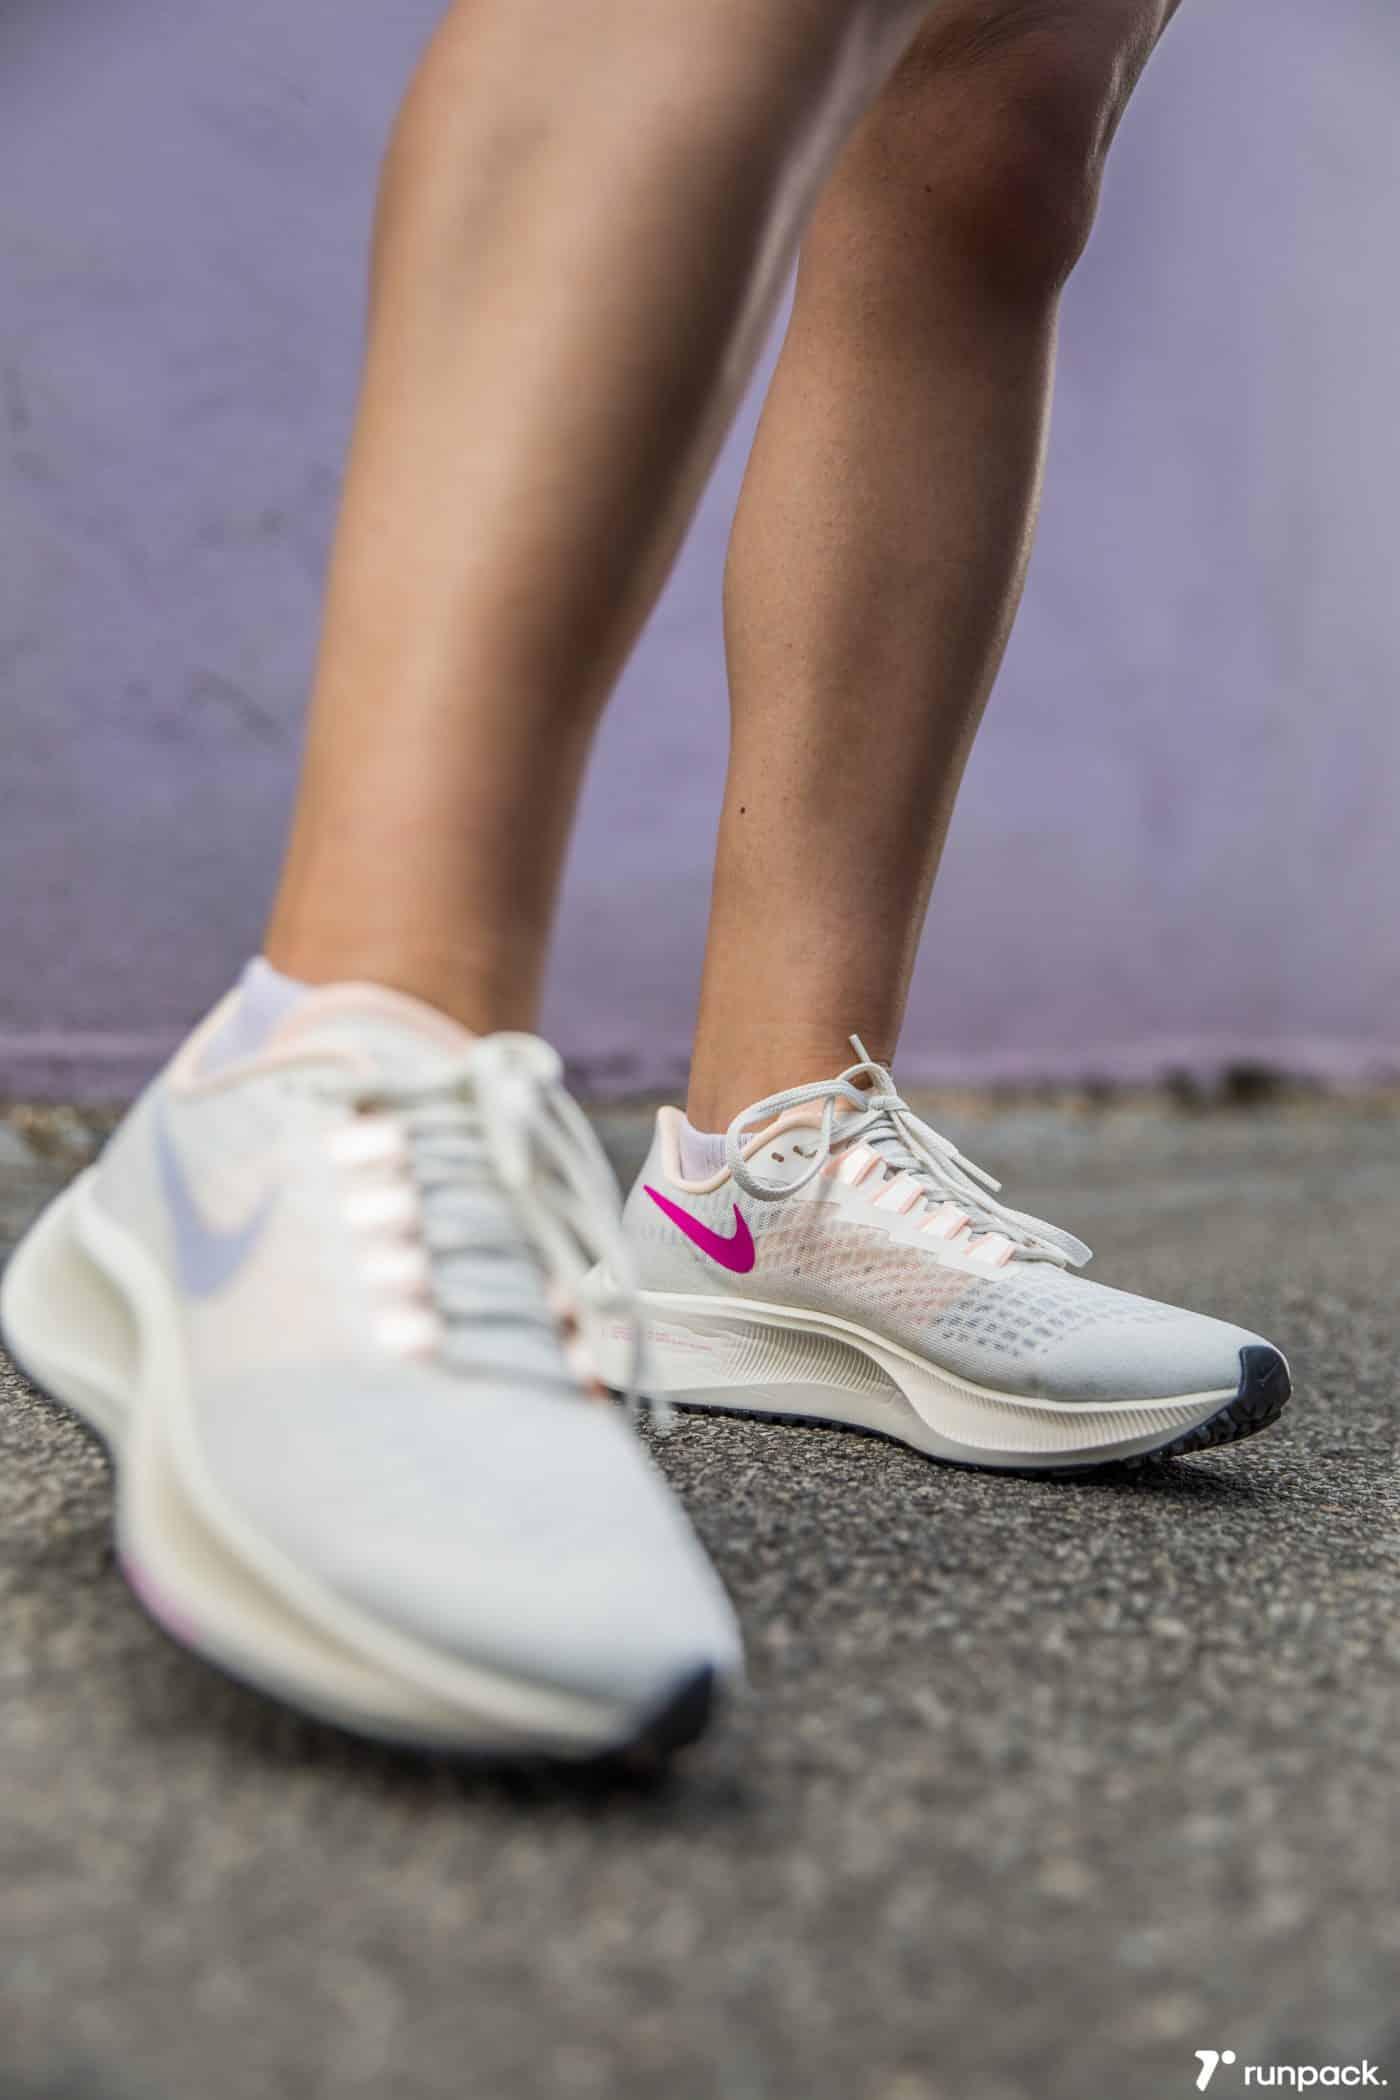 runpack_Nike_Air_Zoom_Pegasus_37_9